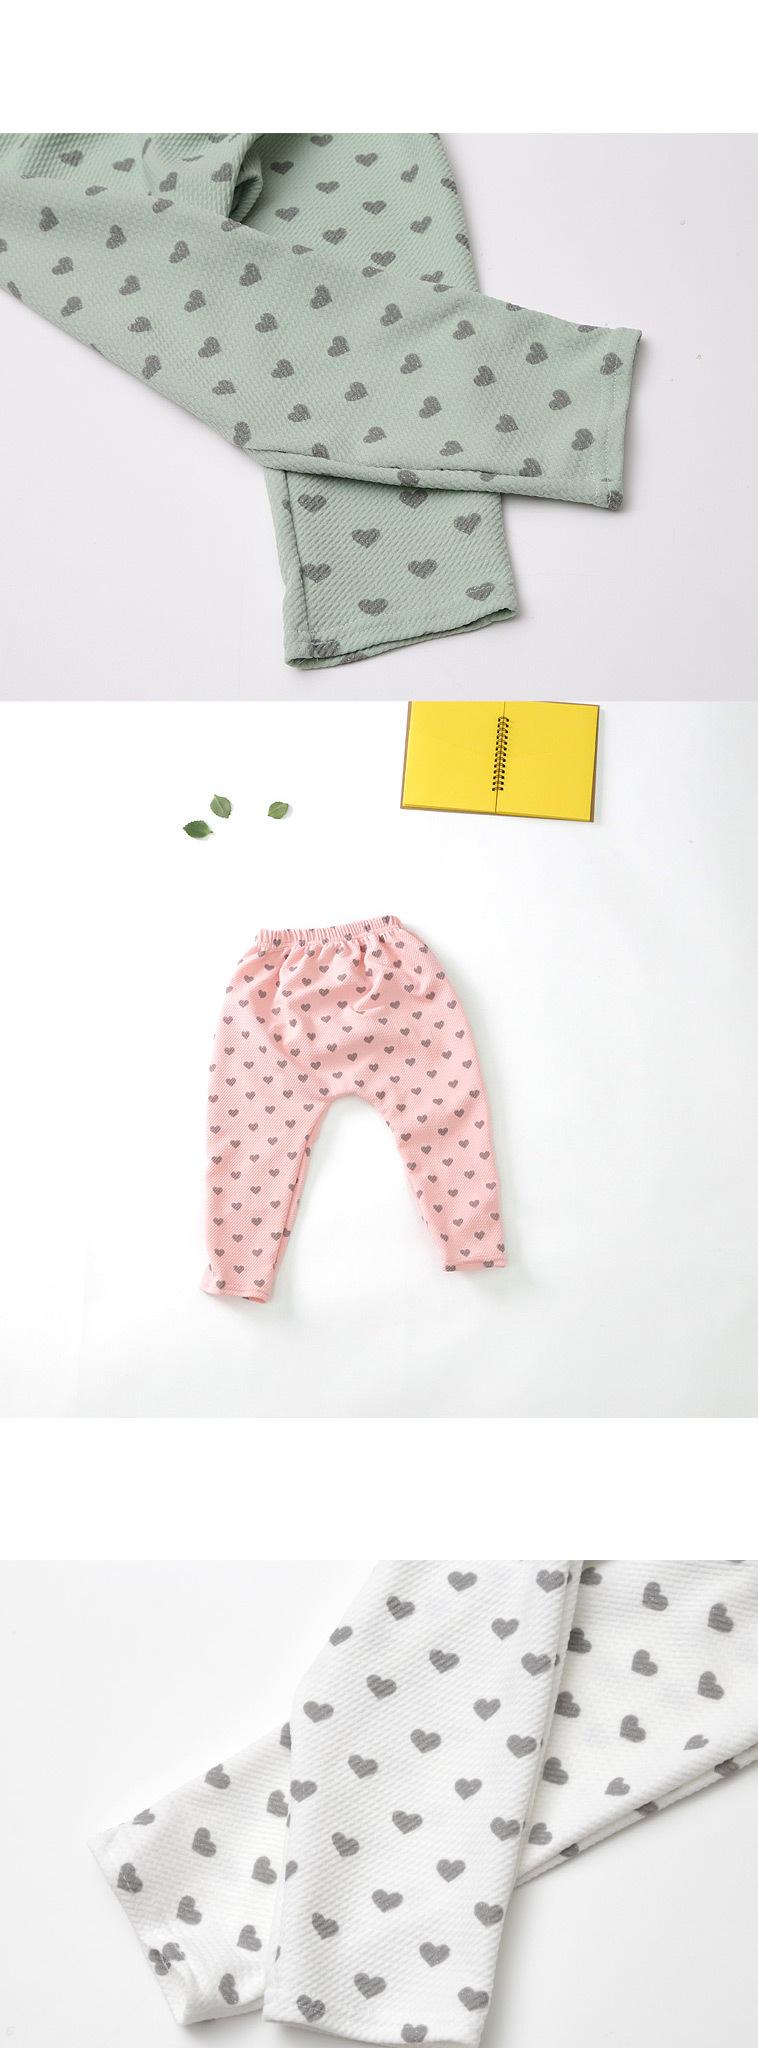 [어린이날] 신상 아동레깅스 치랭스 - 상세정보